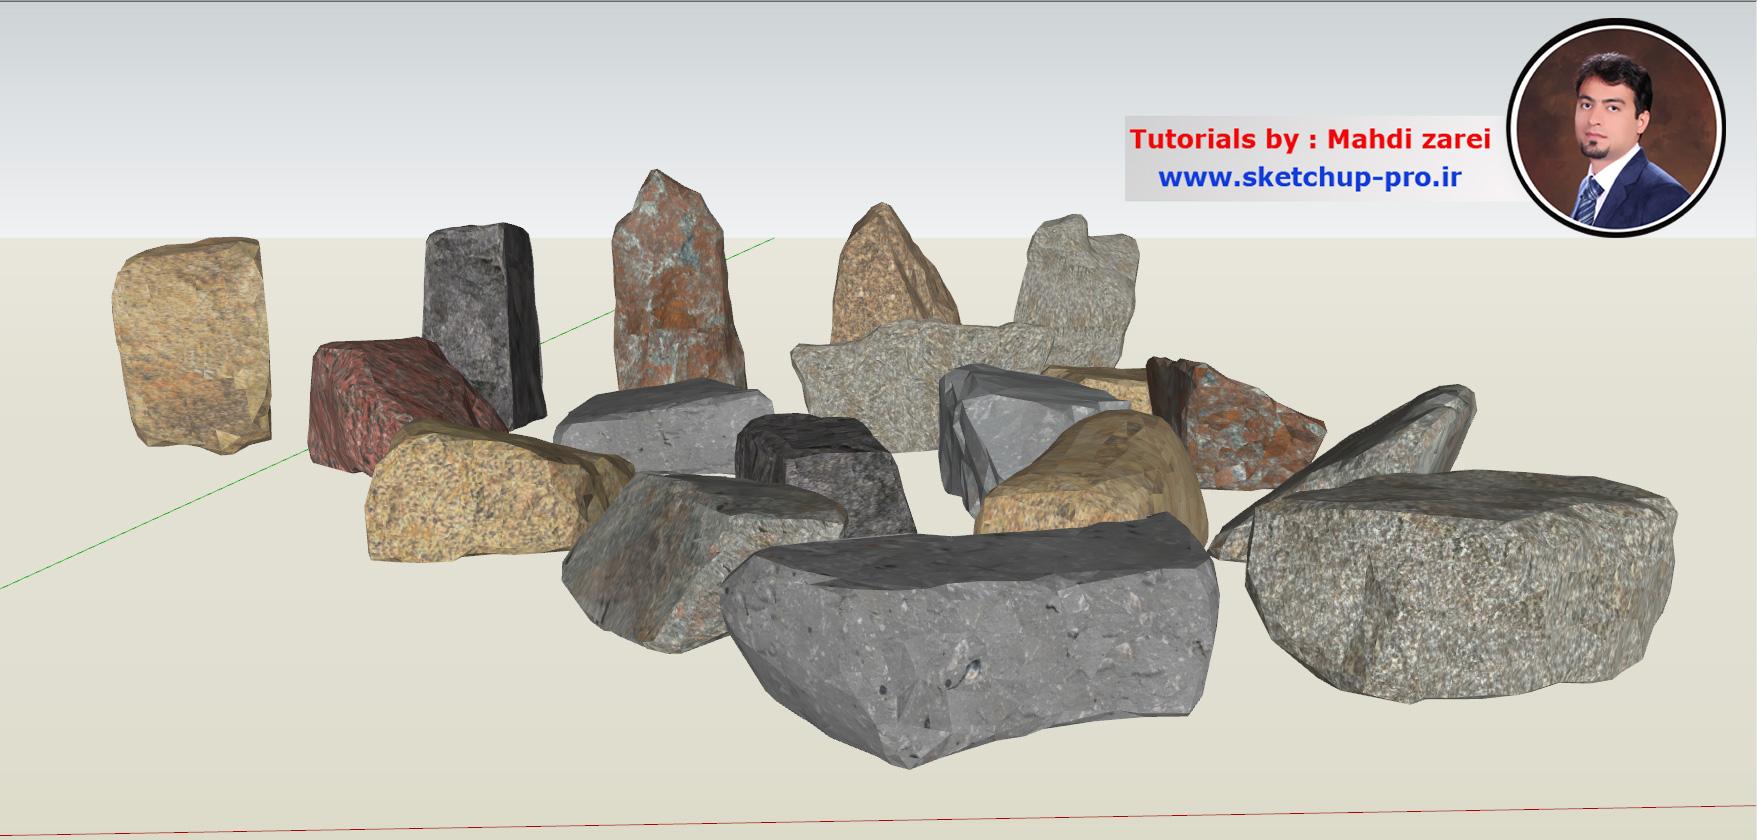 آموزش مدلسازی صخره در اسکچاپ